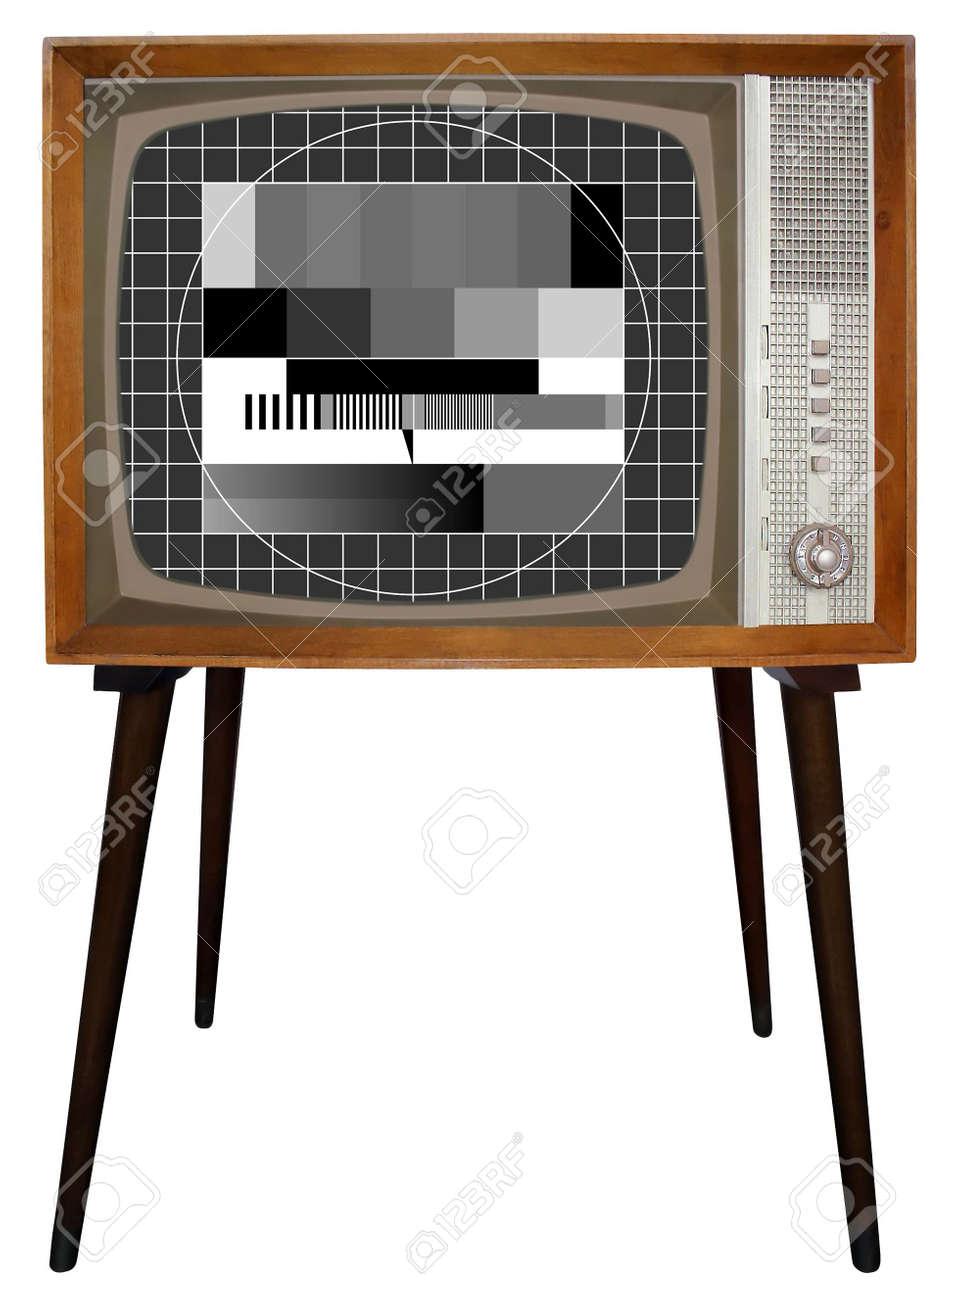 Old Nostalgic BW Television Stock Photo - 3408104